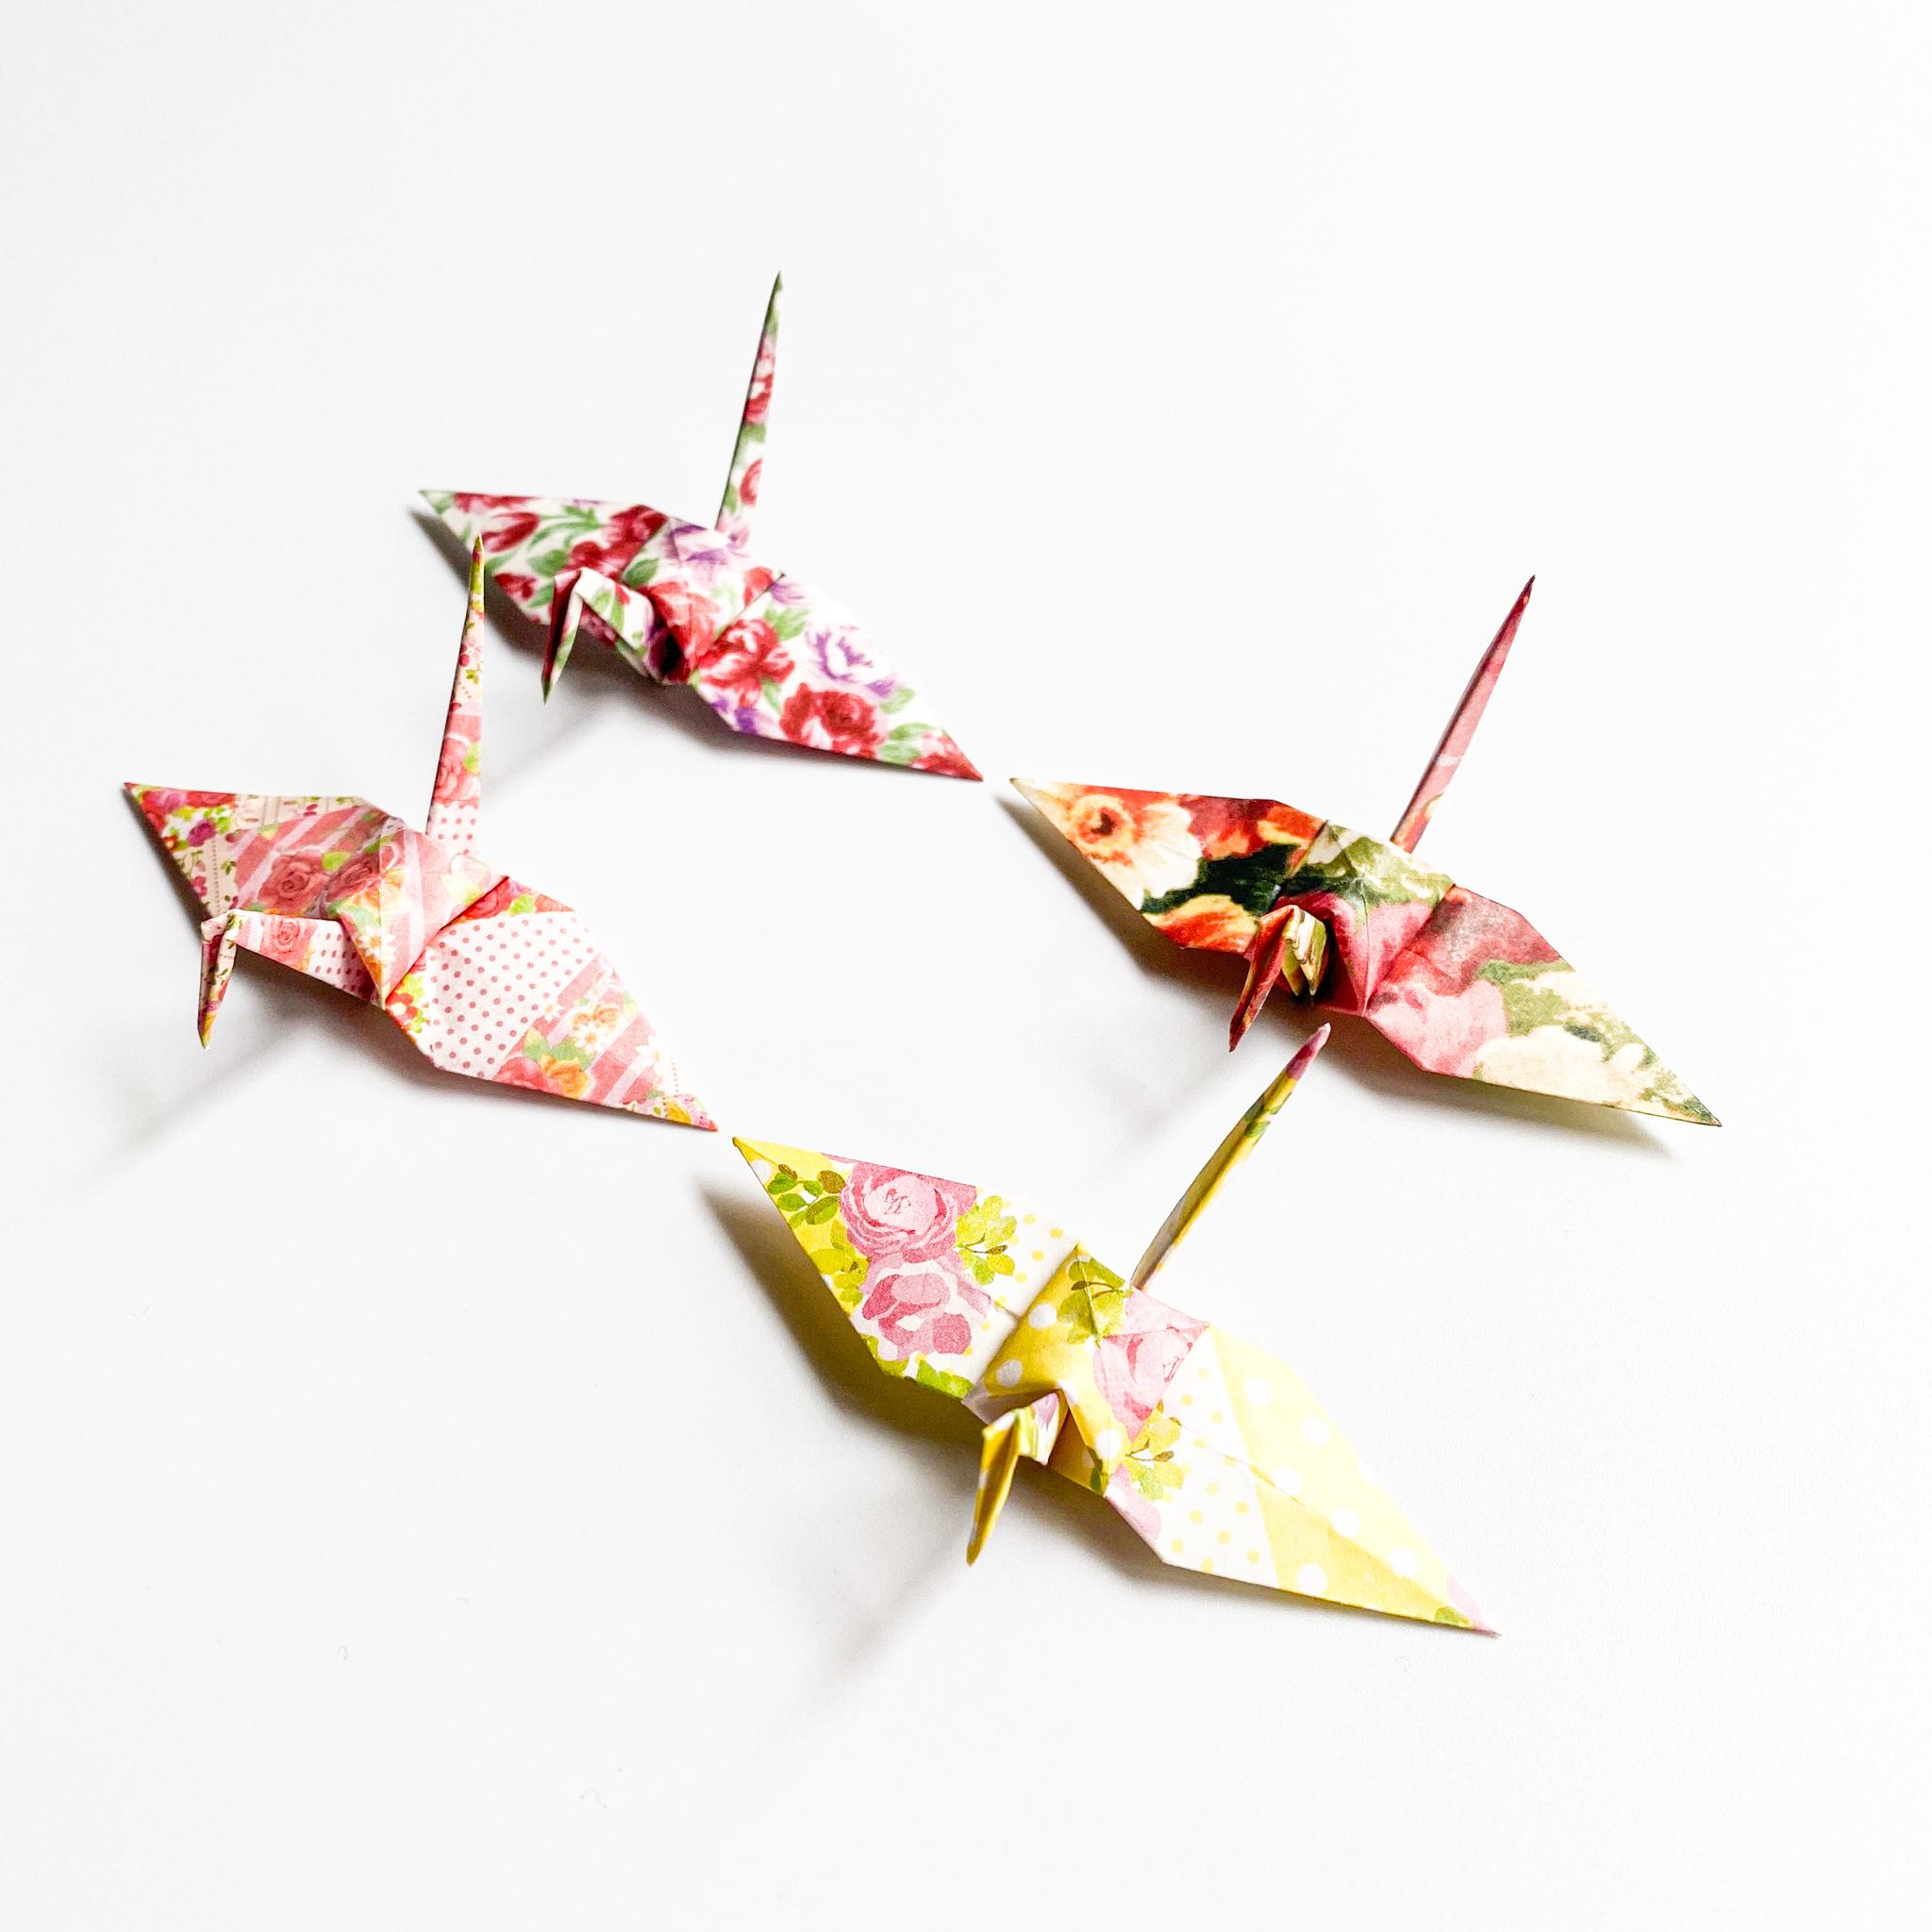 【特別記念価格】フラワーシャワーの折り鶴(神前式、和装婚折り鶴シャワー演出・和風撮影小物)180羽入り